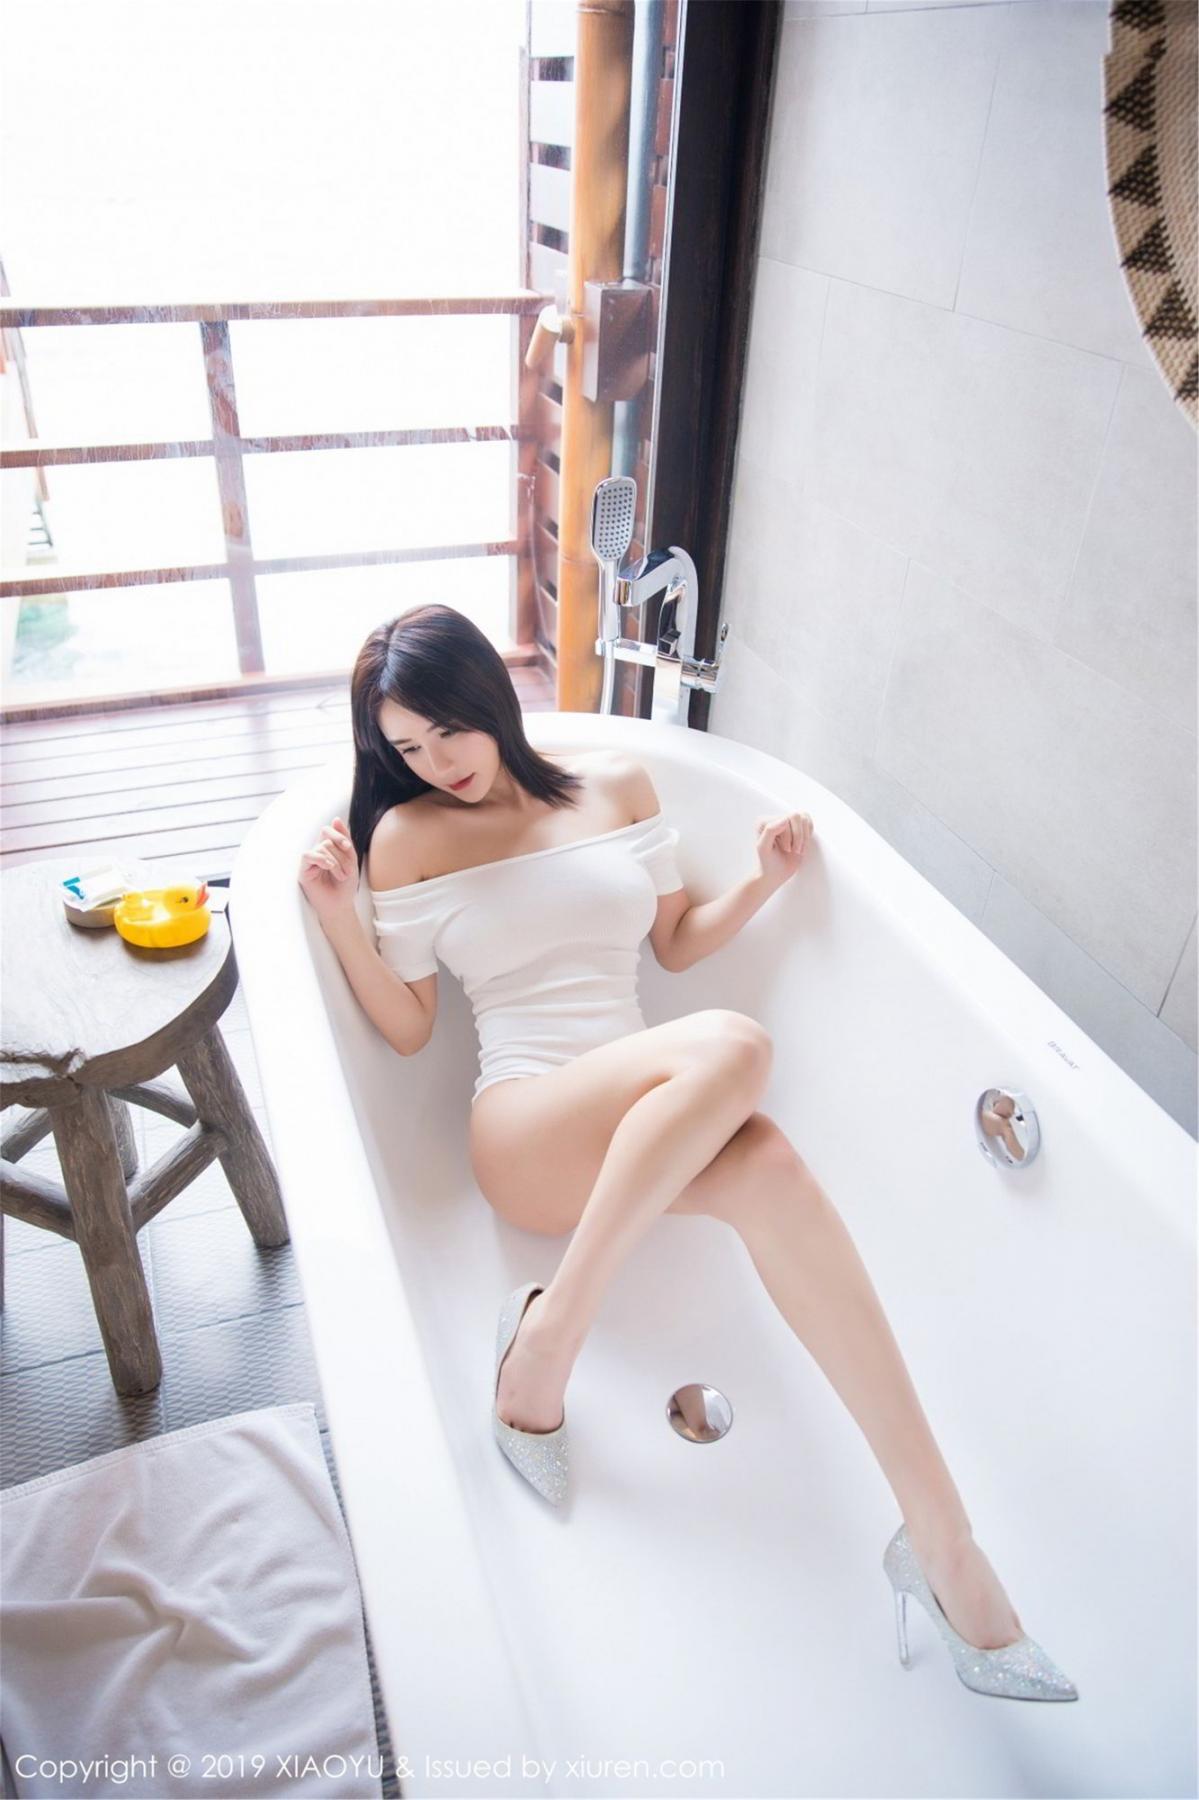 [XiaoYu] Vol.060 Xiao Mo Lin 26P, Bathroom, Lin Lin Ailin, Wet, XiaoYu